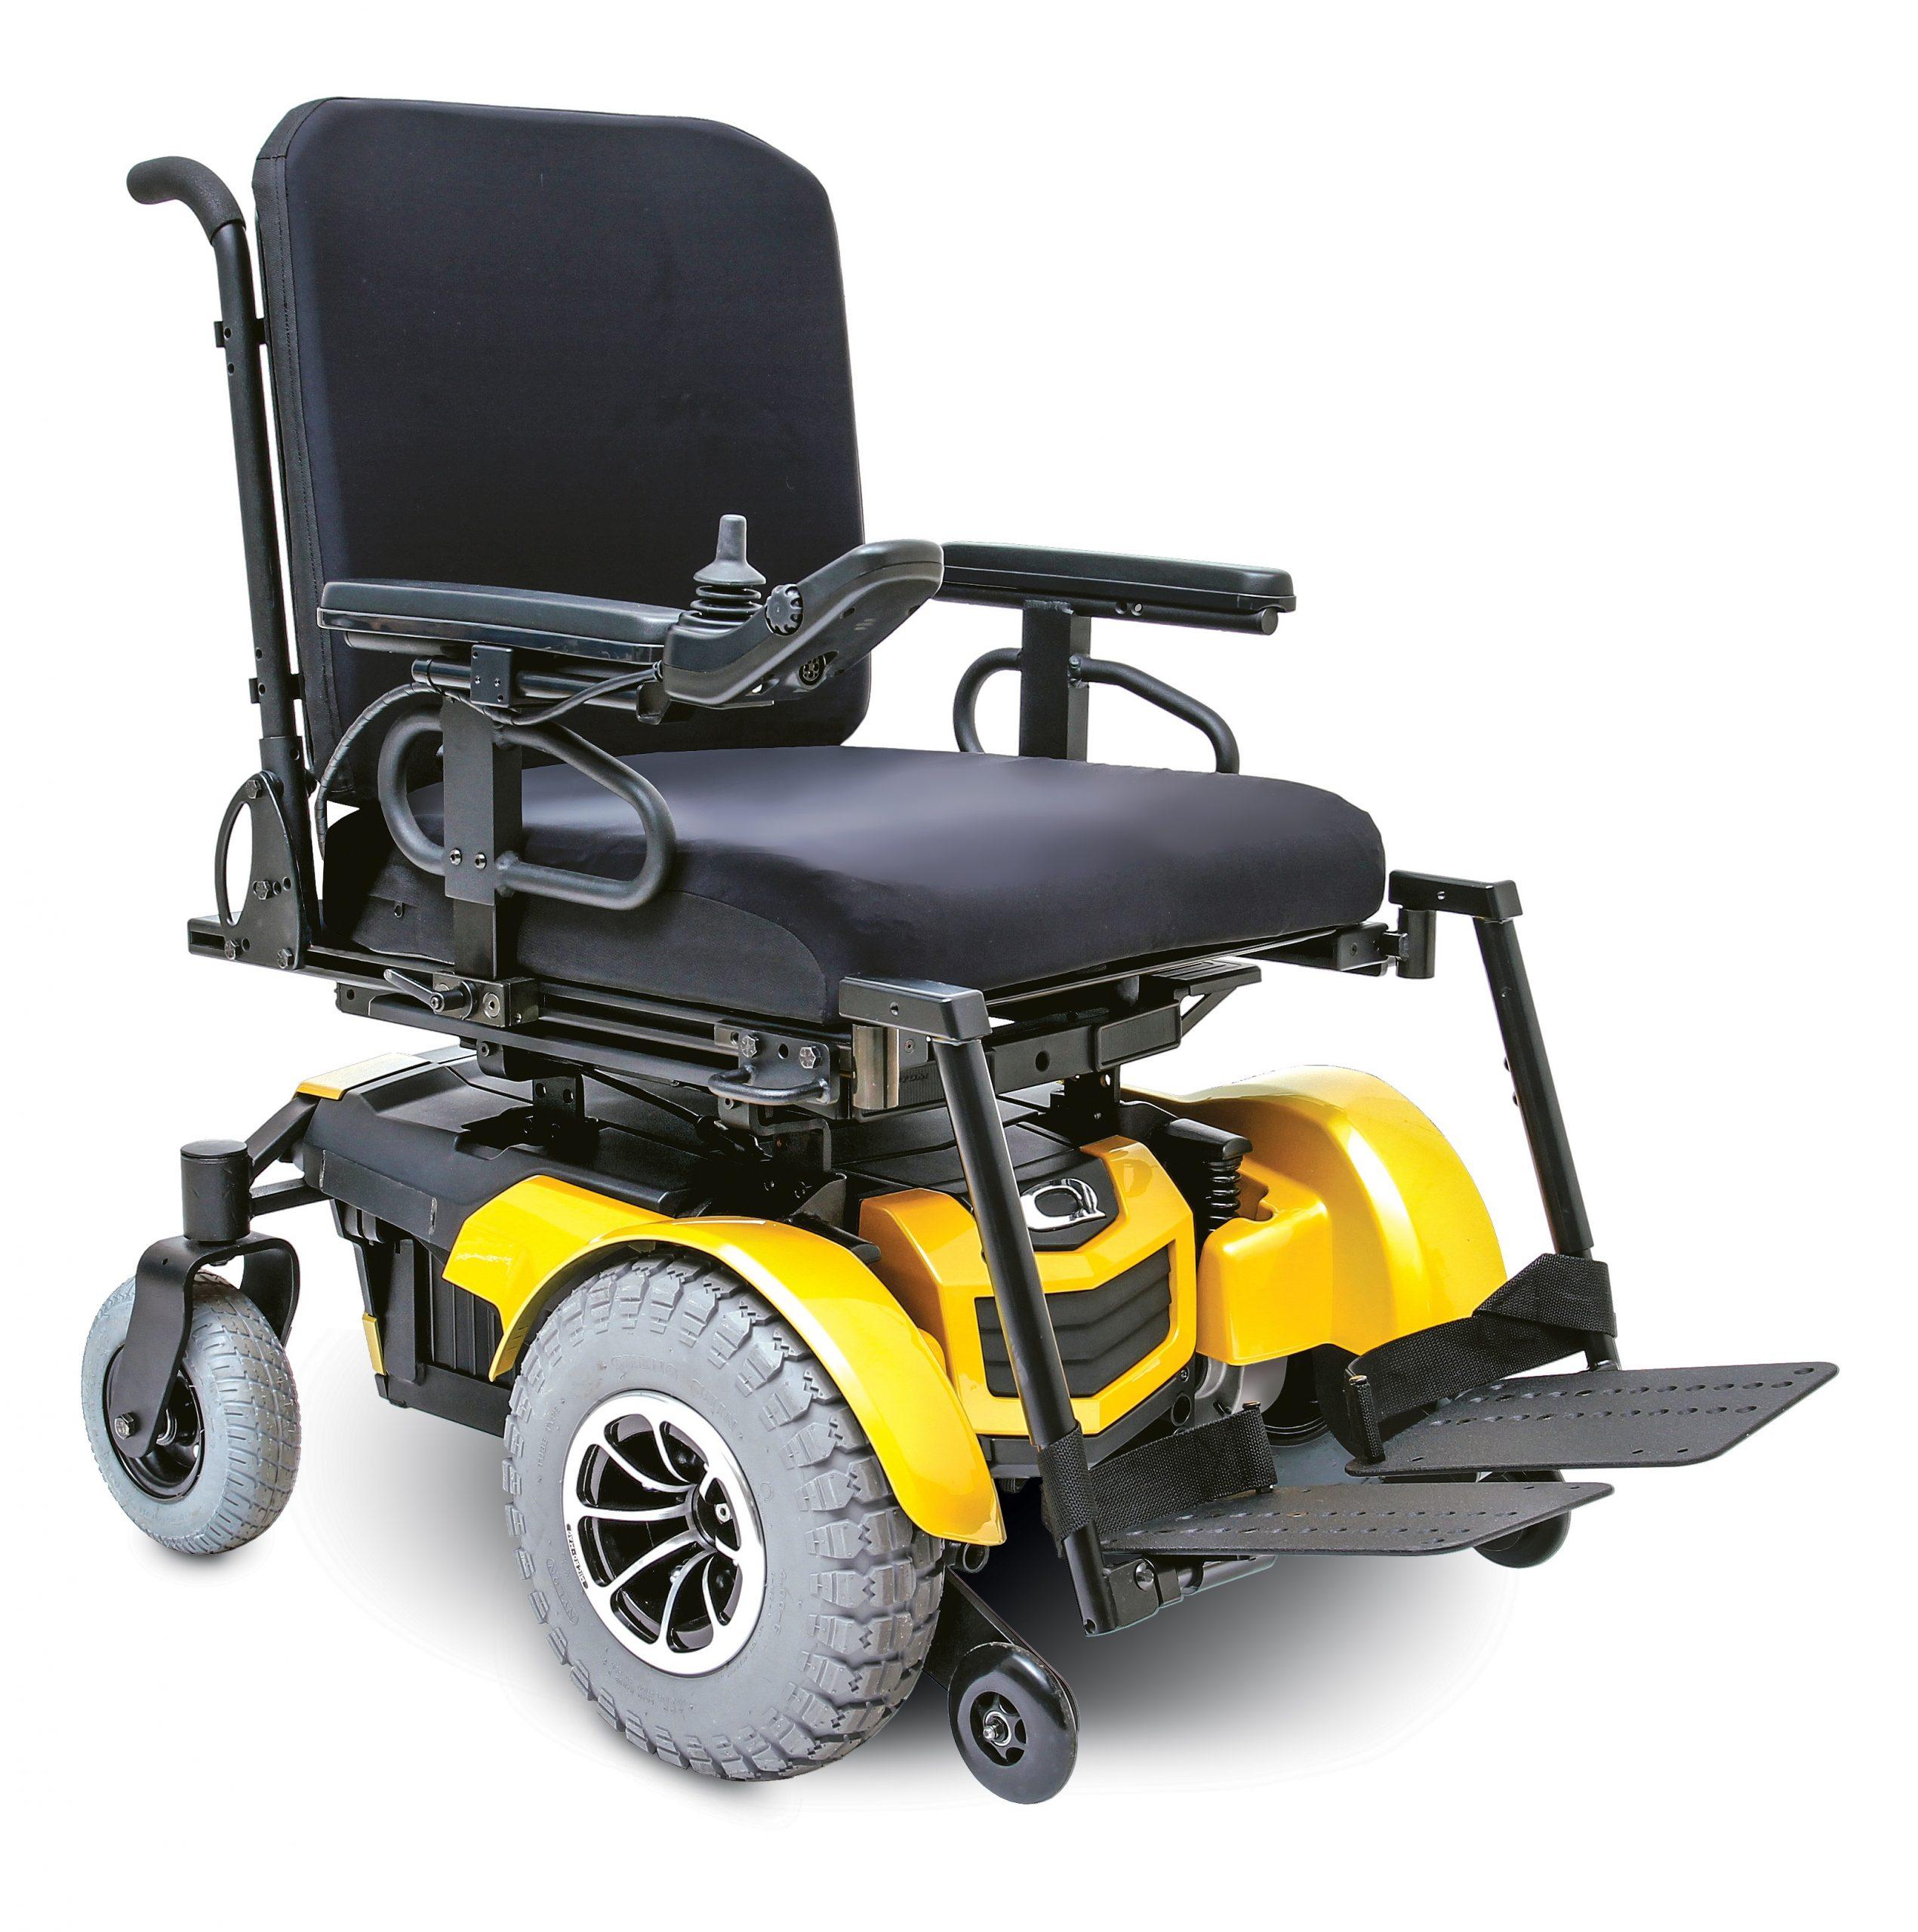 Quantum 1450 Power Wheelchair